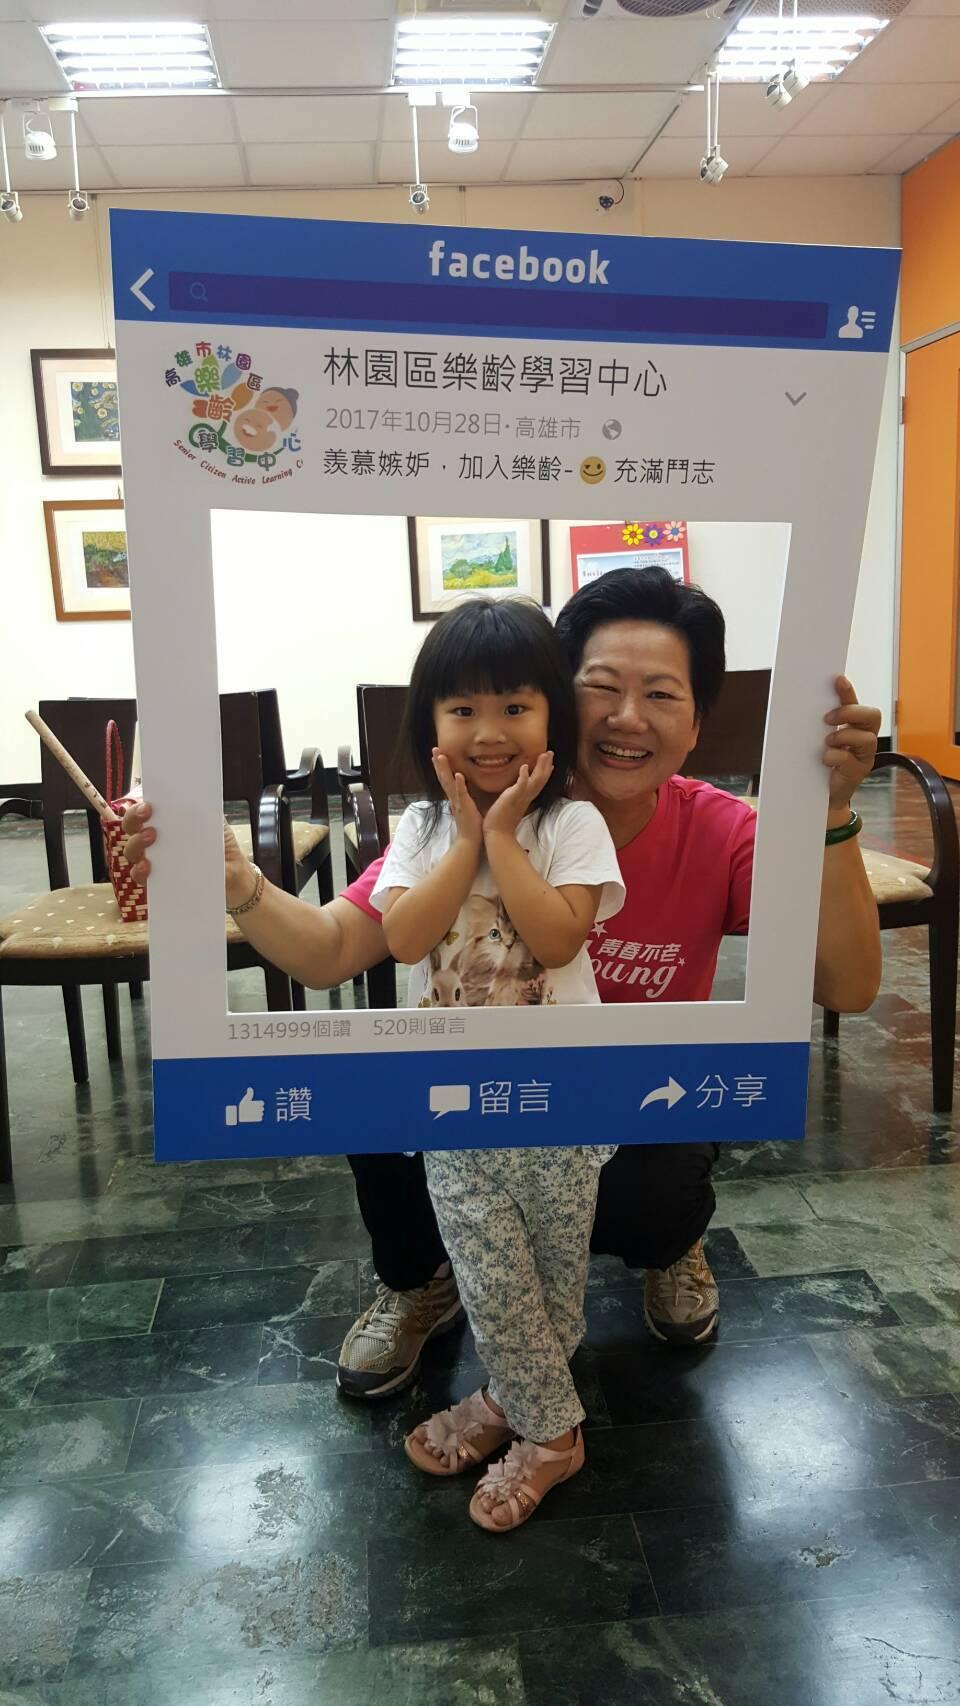 現場也規劃「祖孫打卡」拍照抽獎,增進祖孫間情感。記者劉星君/翻攝